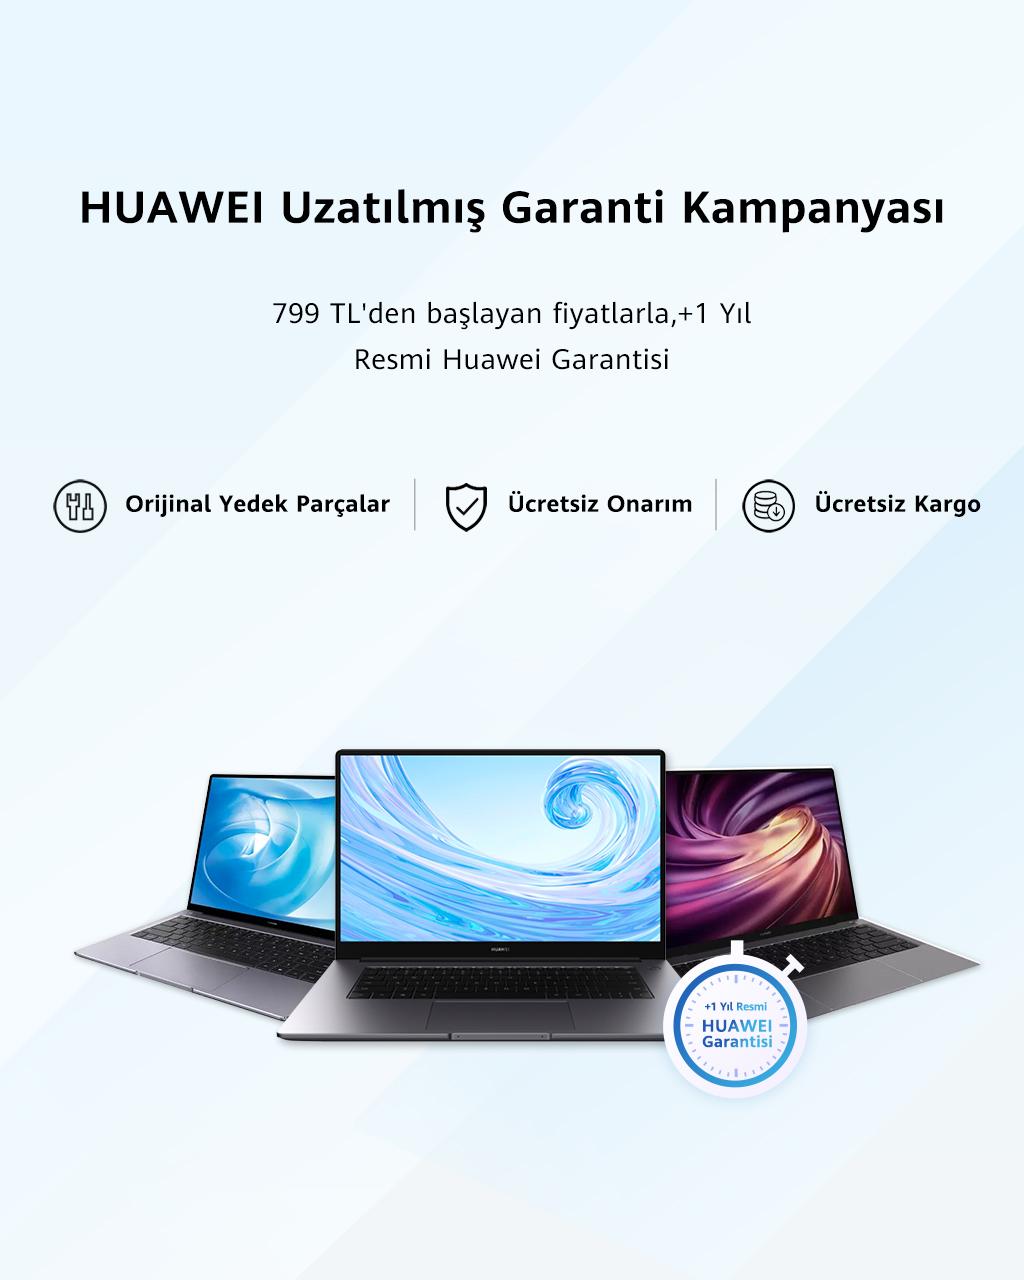 Huawei uzatılmış garanti